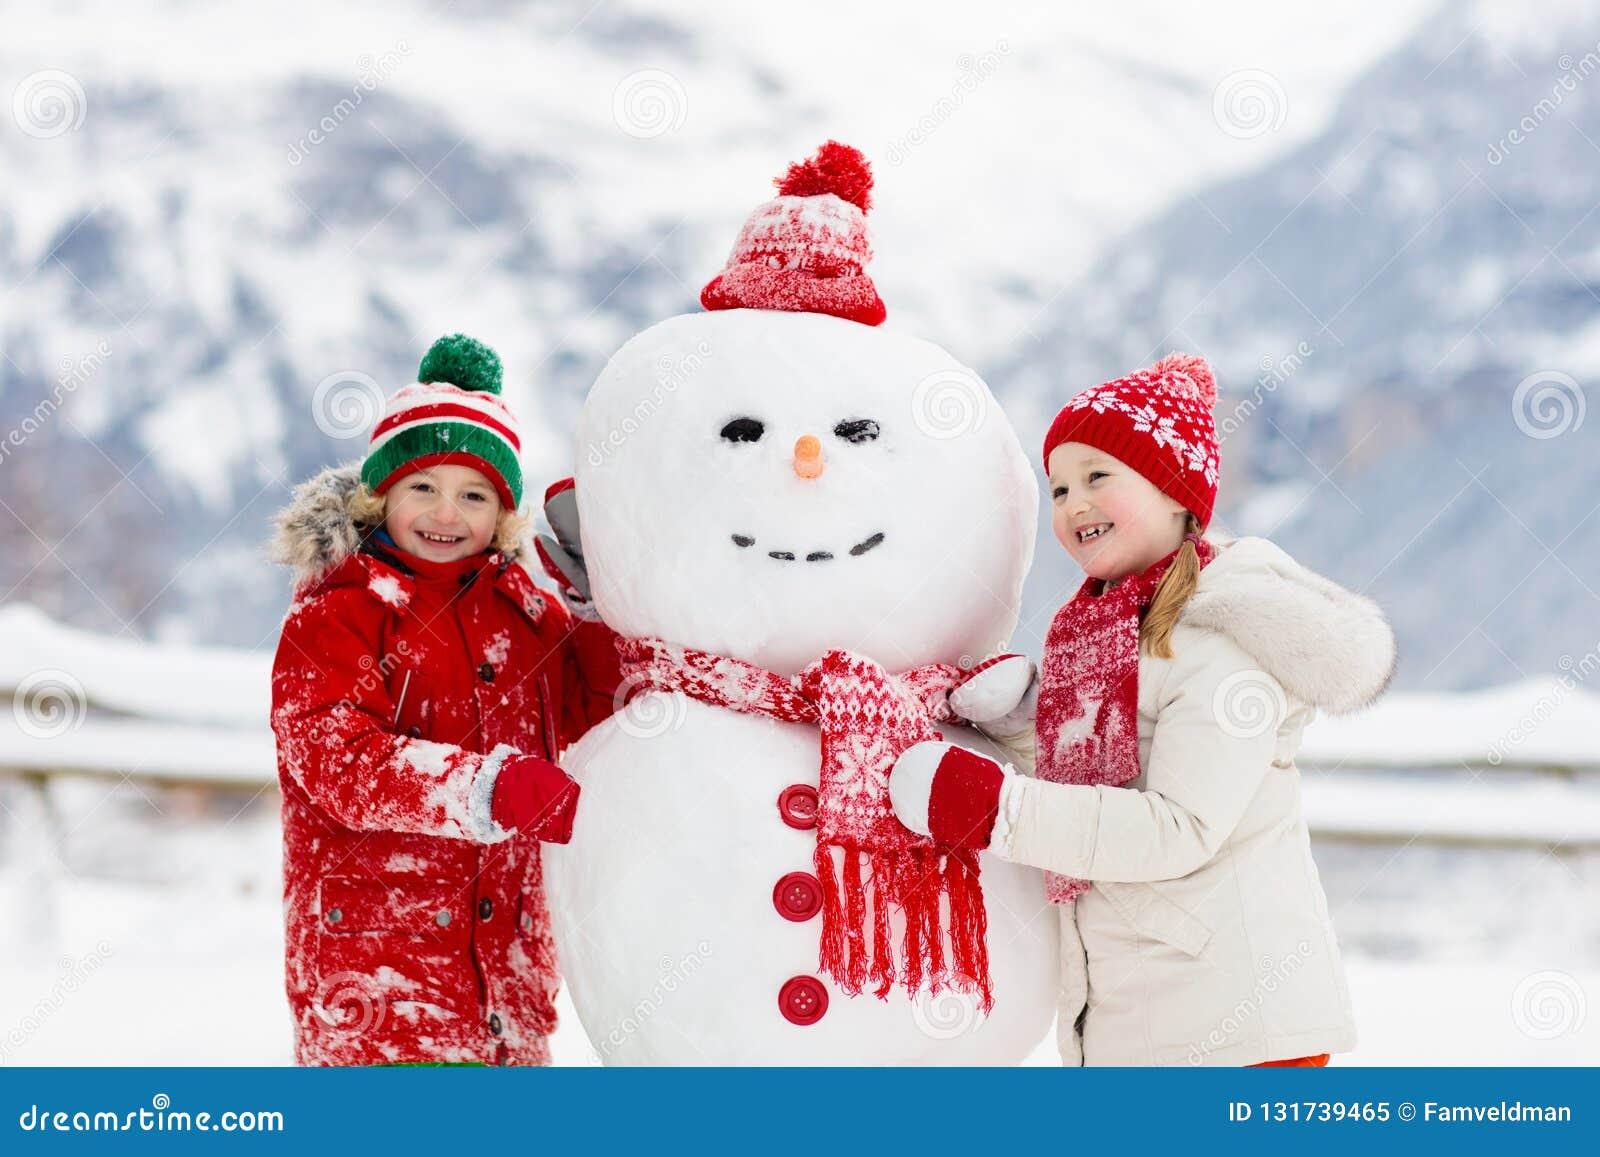 儿童大厦雪人 孩子修造雪人 使用户外在多雪的冬日的男孩和女孩 在圣诞节的室外家庭乐趣